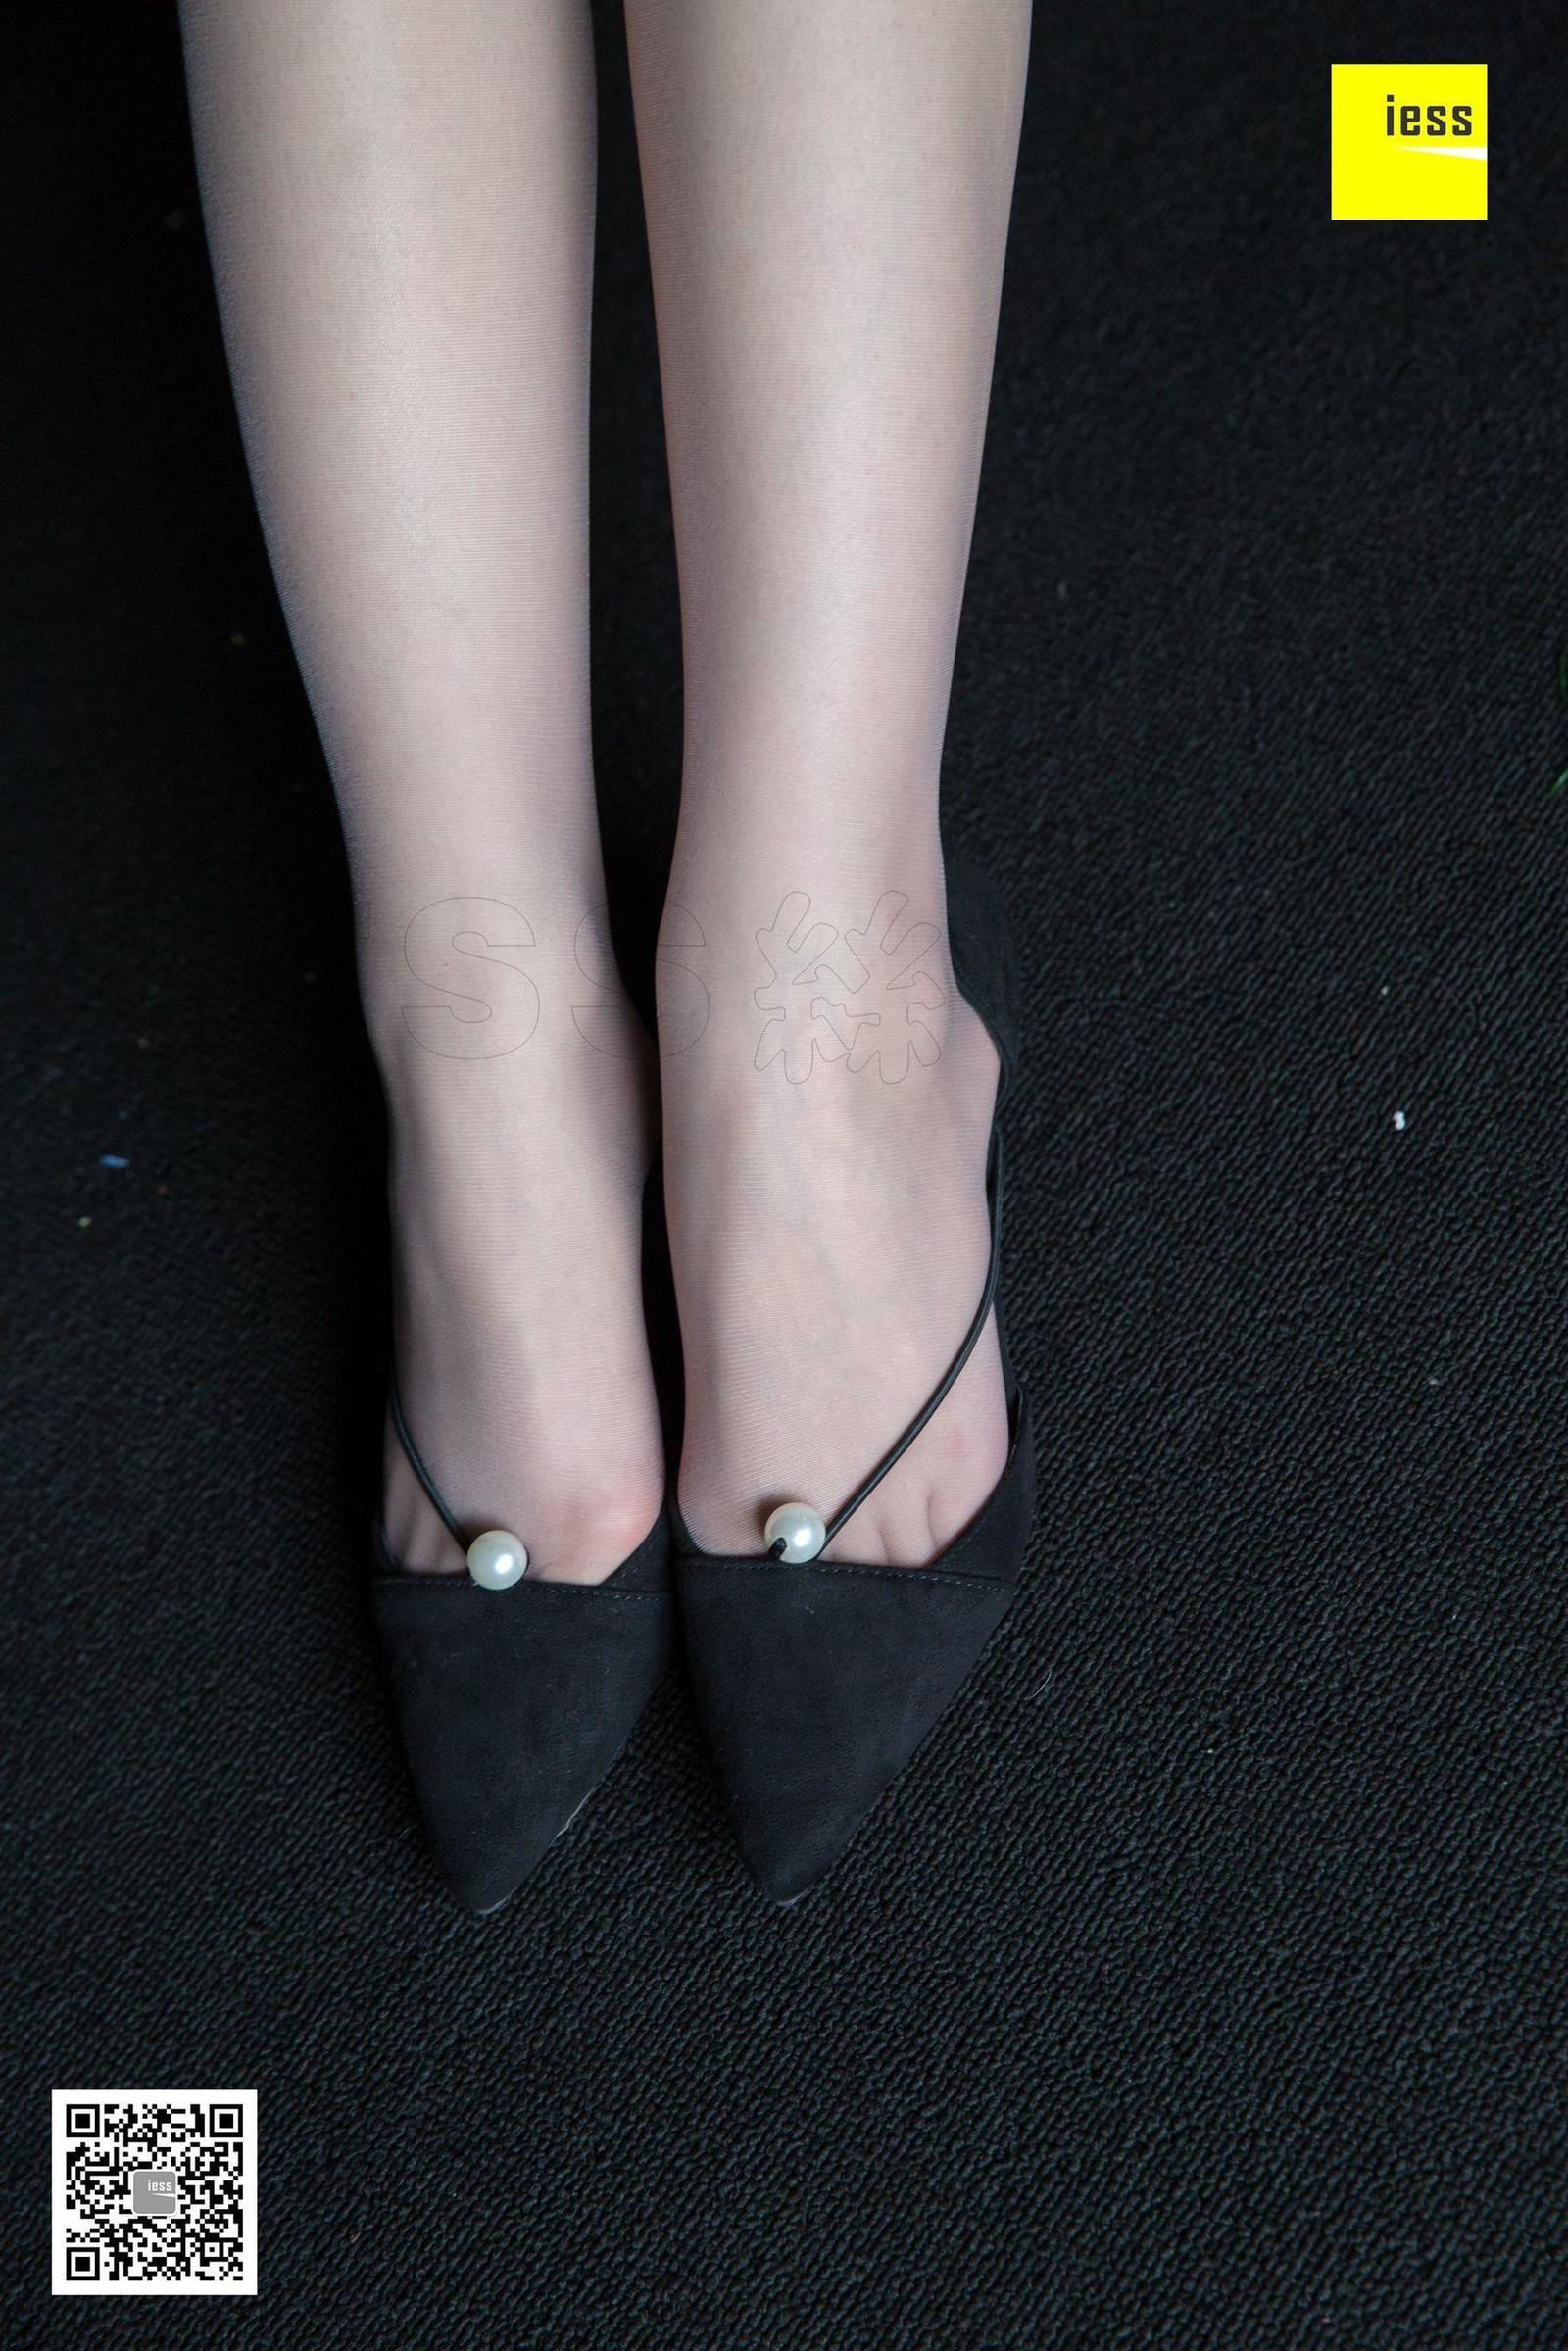 名利姐 《足模姐姐玩灰丝》美腿丝足套图